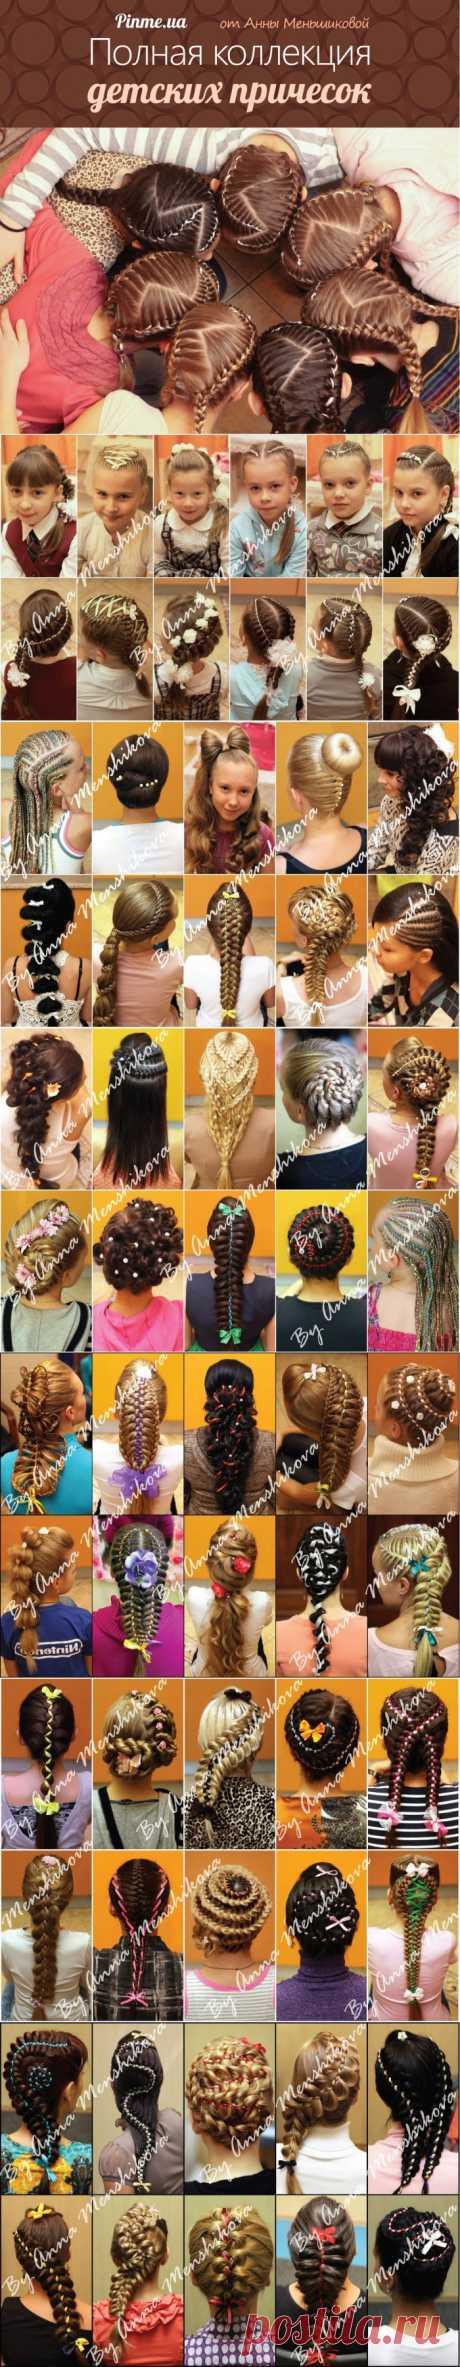 Детские прически для девочек → Ажурное плетение кос (огромная коллекция) | Пинми